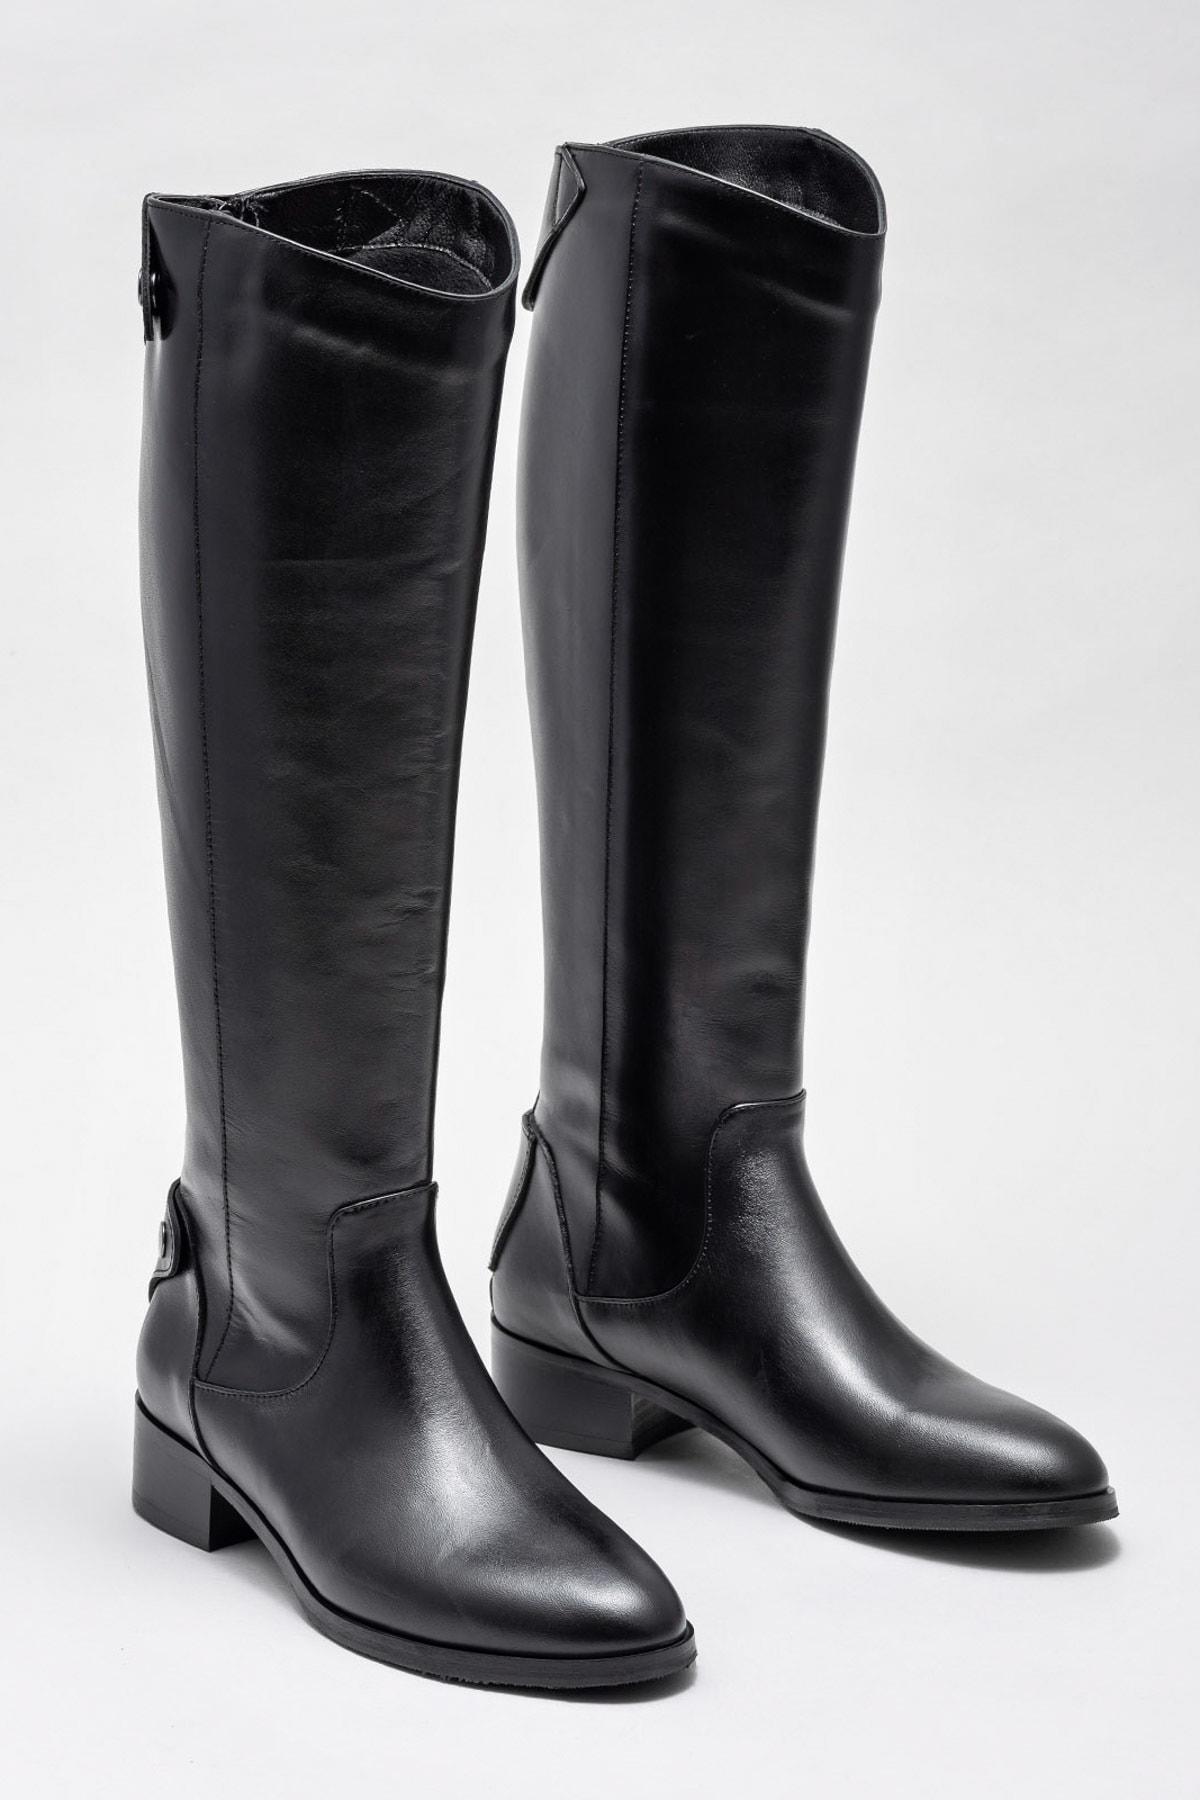 Elle Shoes Kadın Kestrel Sıyah Çizme 20K053 2